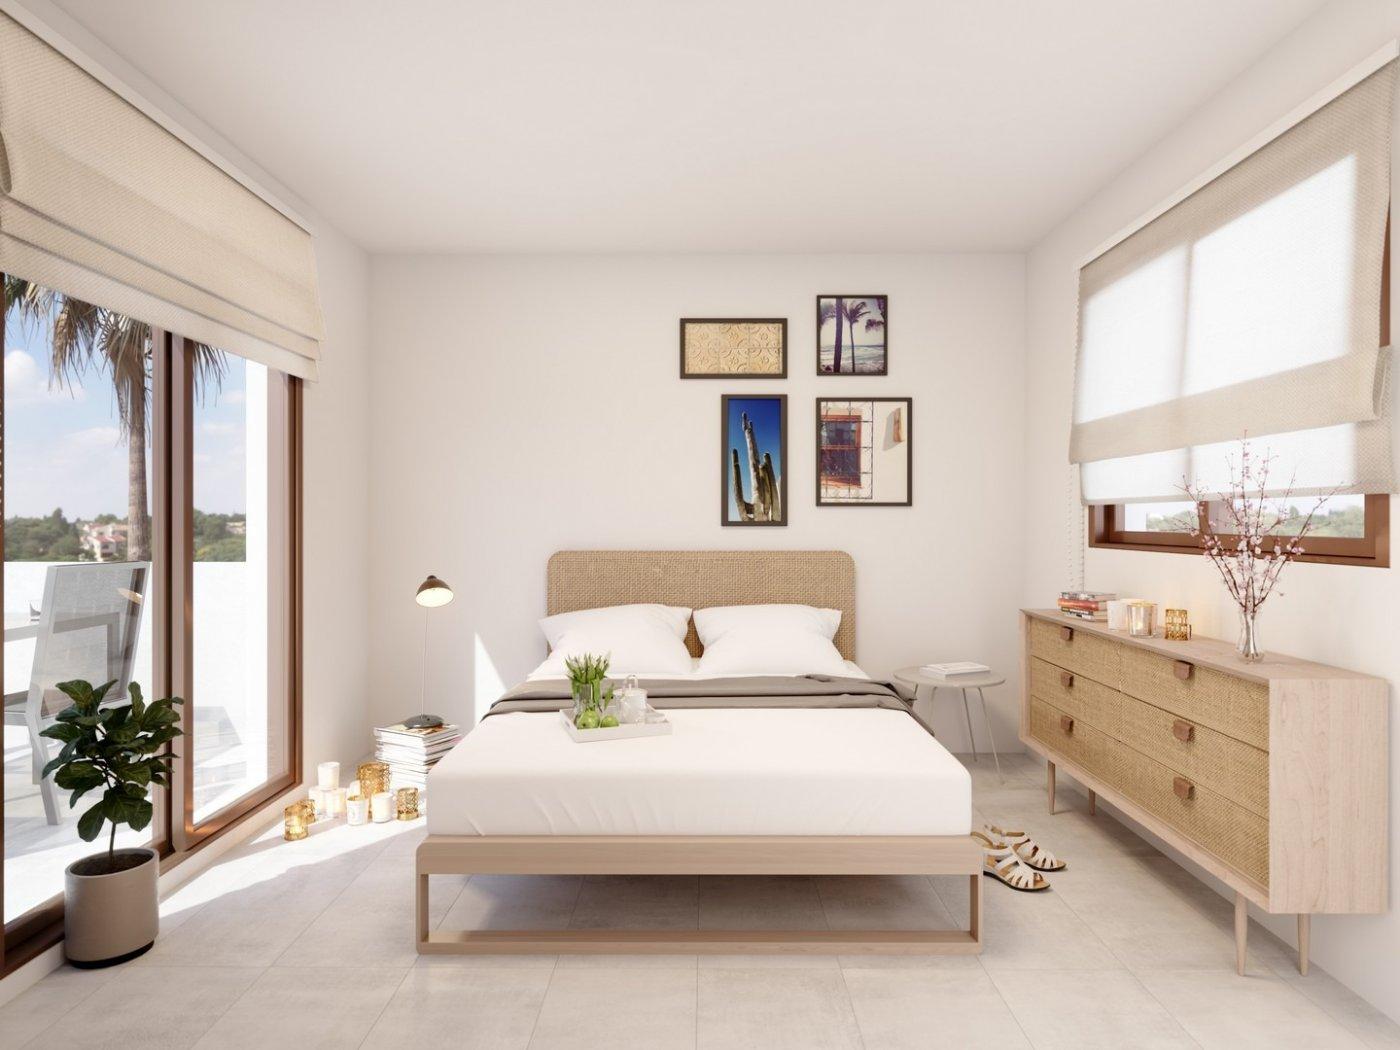 Nuevas villas pareadas e independientes en orihuela costa !!! - imagenInmueble6